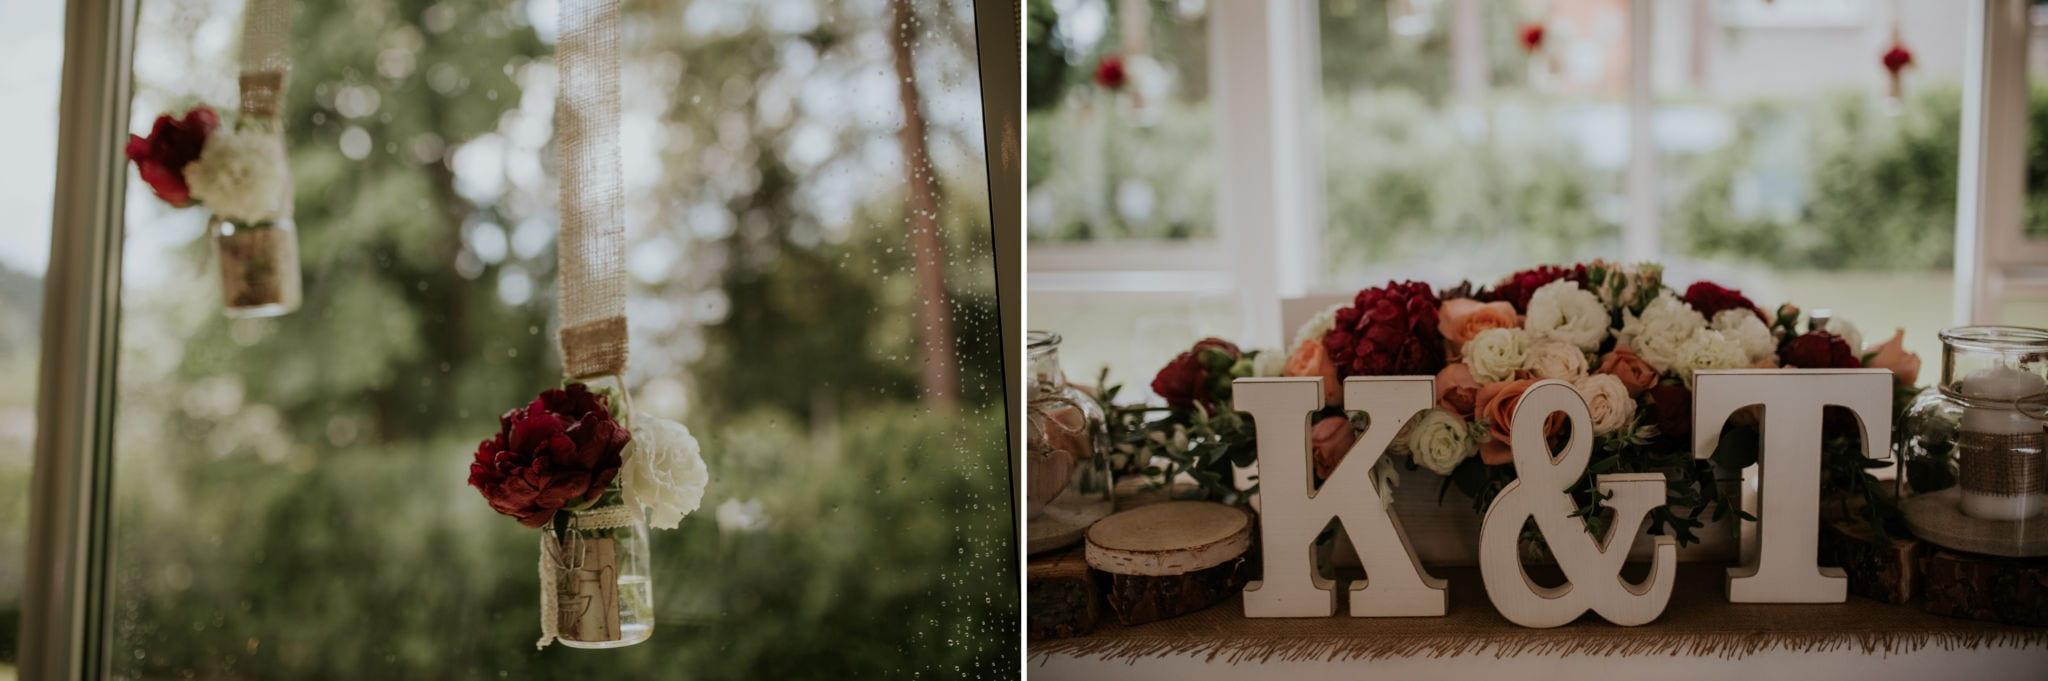 Kasia & Tomek <br>Ślub w Szczyrku 81